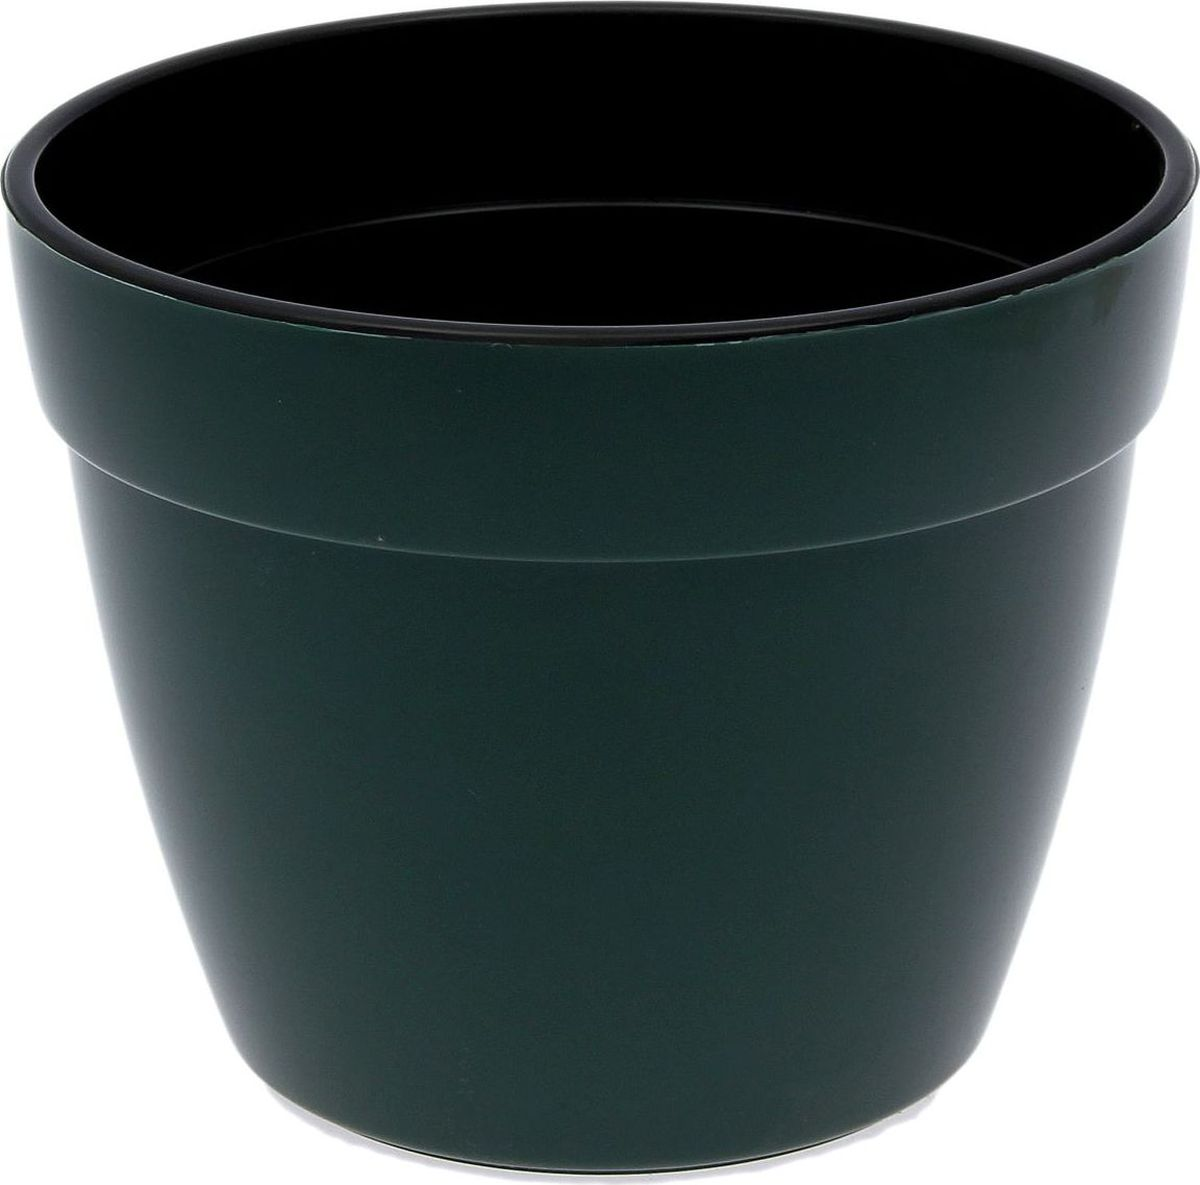 Горшок для цветов Santino Асти, цвет: зеленый, черный, 6 л4840952005250Любой, даже самый современный и продуманный интерьер будет незавершённым без растений. Они не только очищают воздух и насыщают его кислородом, но и украшают окружающее пространство. Такому полезному члену семьи просто необходим красивый и функциональный дом! Мы предлагаем #name#! Оптимальный выбор материала — пластмасса! Почему мы так считаем?Малый вес. С лёгкостью переносите горшки и кашпо с места на место, ставьте их на столики или полки, не беспокоясь о нагрузке. Простота ухода. Кашпо не нуждается в специальных условиях хранения. Его легко чистить — достаточно просто сполоснуть тёплой водой. Никаких потёртостей. Такие кашпо не царапают и не загрязняют поверхности, на которых стоят. Пластик дольше хранит влагу, а значит, растение реже нуждается в поливе. Пластмасса не пропускает воздух — корневой системе растения не грозят резкие перепады температур. Огромный выбор форм, декора и расцветок — вы без труда найдёте что-то, что идеально впишется в уже существующий интерьер. Соблюдая нехитрые правила ухода, вы можете заметно продлить срок службы горшков и кашпо из пластика:всегда учитывайте размер кроны и корневой системы (при разрастании большое растение способно повредить маленький горшок)берегите изделие от воздействия прямых солнечных лучей, чтобы горшки не выцветалидержите кашпо из пластика подальше от нагревающихся поверхностей. Создавайте прекрасные цветочные композиции, выращивайте рассаду или необычные растения.